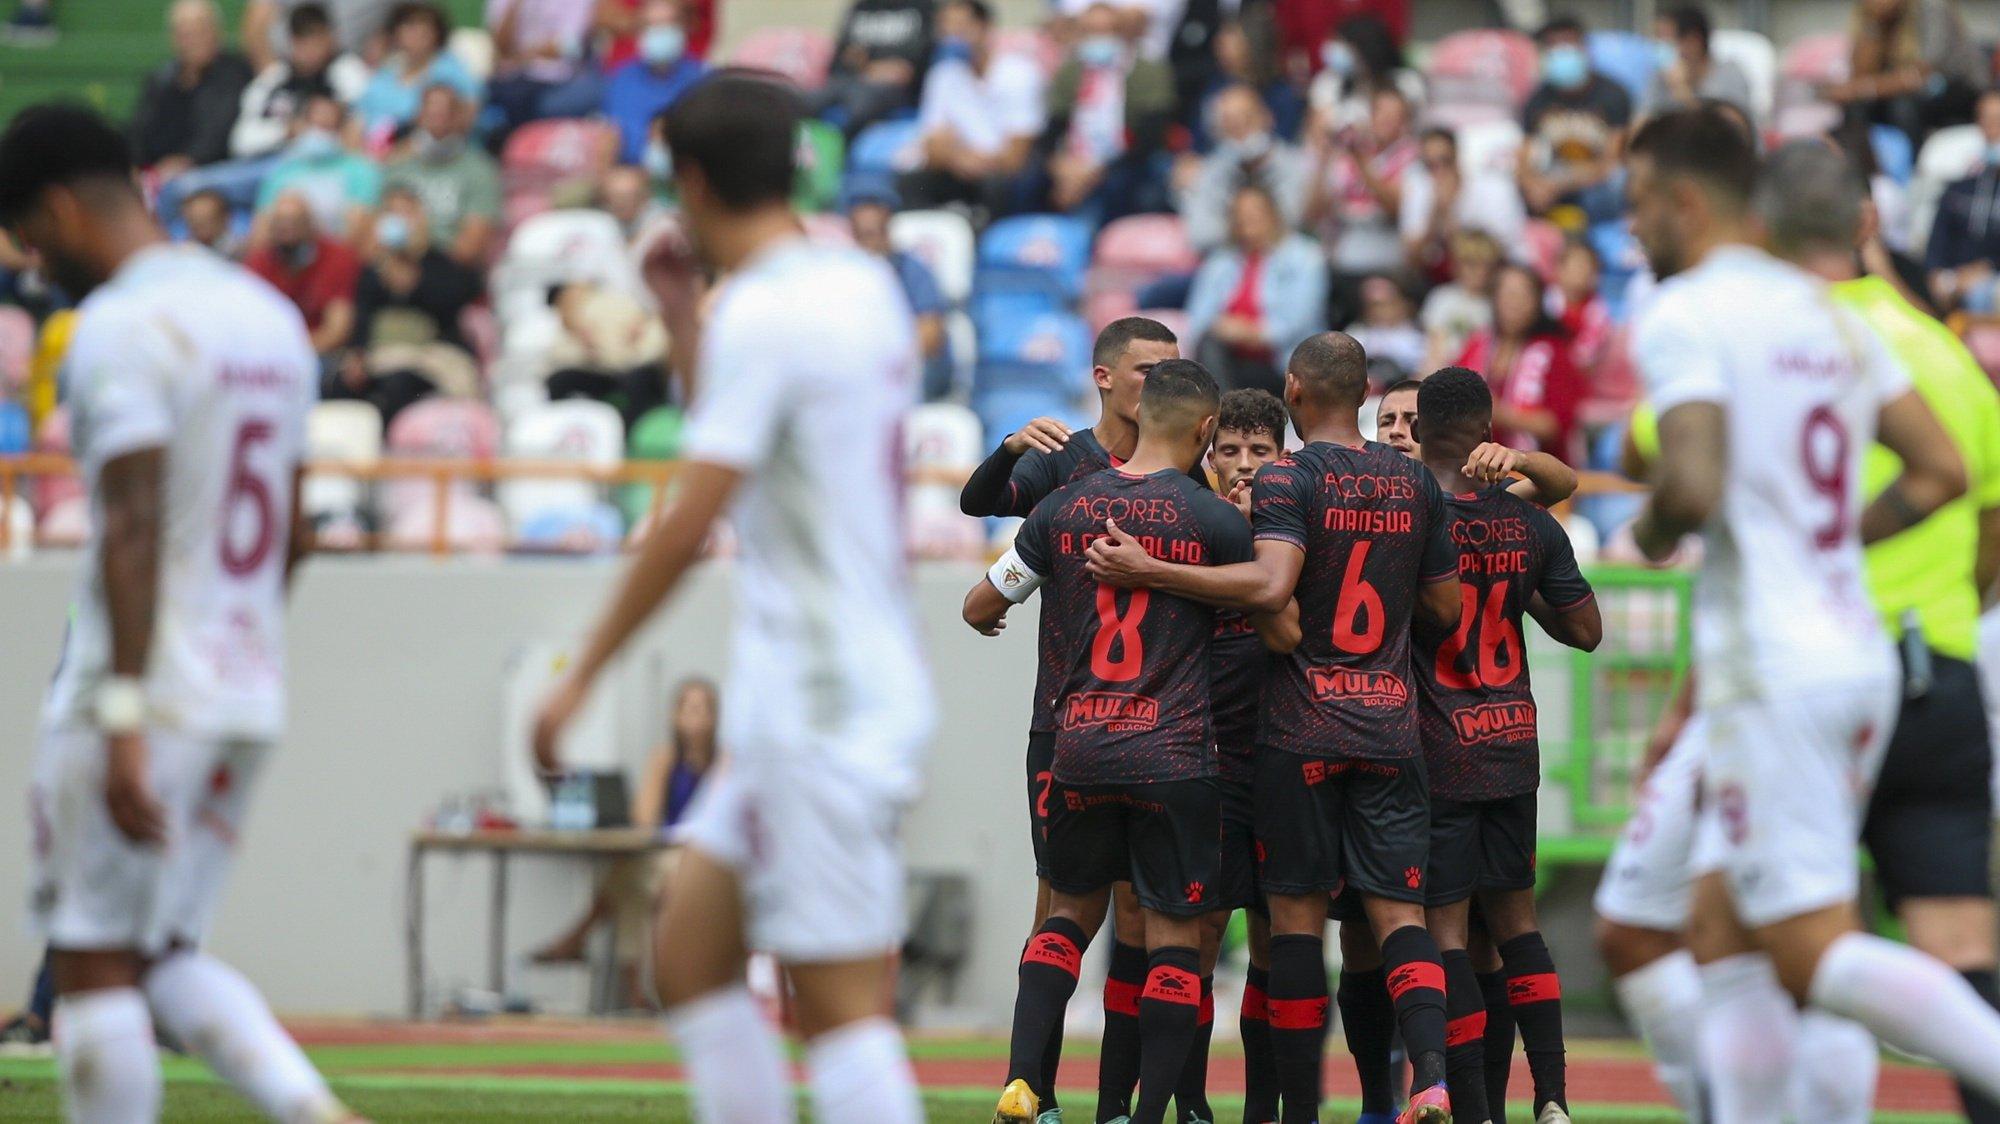 Os jogadores do Santa Clara festejam a marcação de um golo, durante o jogo da 3.ª eliminatória da Taça de Portugal, entre o União de Leiria e o Santa Clara, disputado no Estádio Municipal Magalhães Pessoa, em Leiria, 16 de outubro de 2021. PAULO CUNHA/LUSA